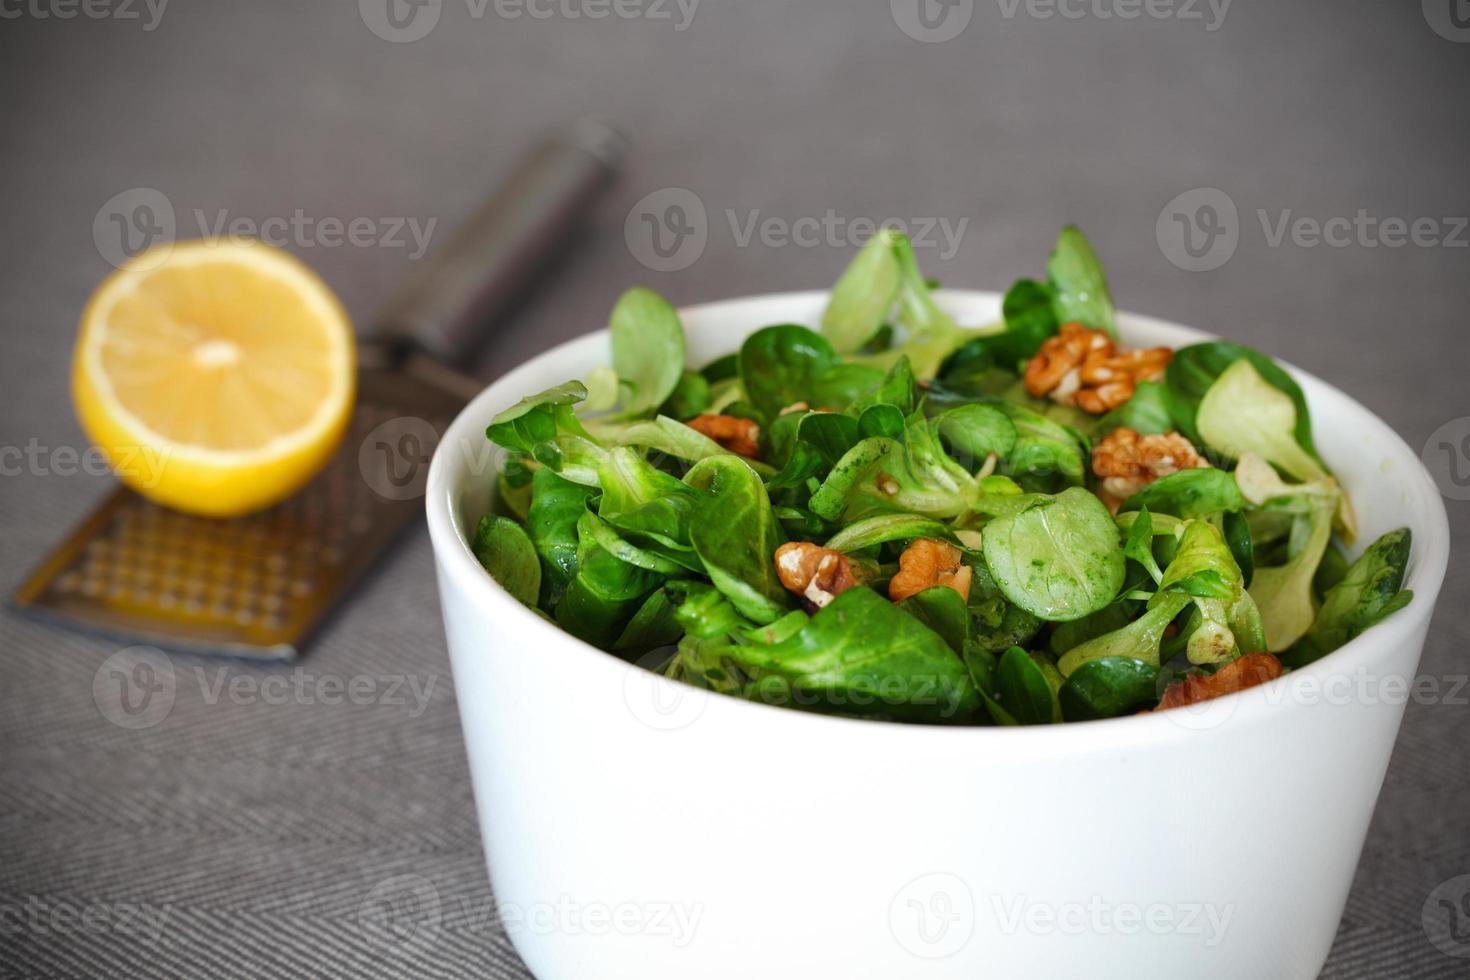 majssallad med valnötter och citronvinaigrette foto